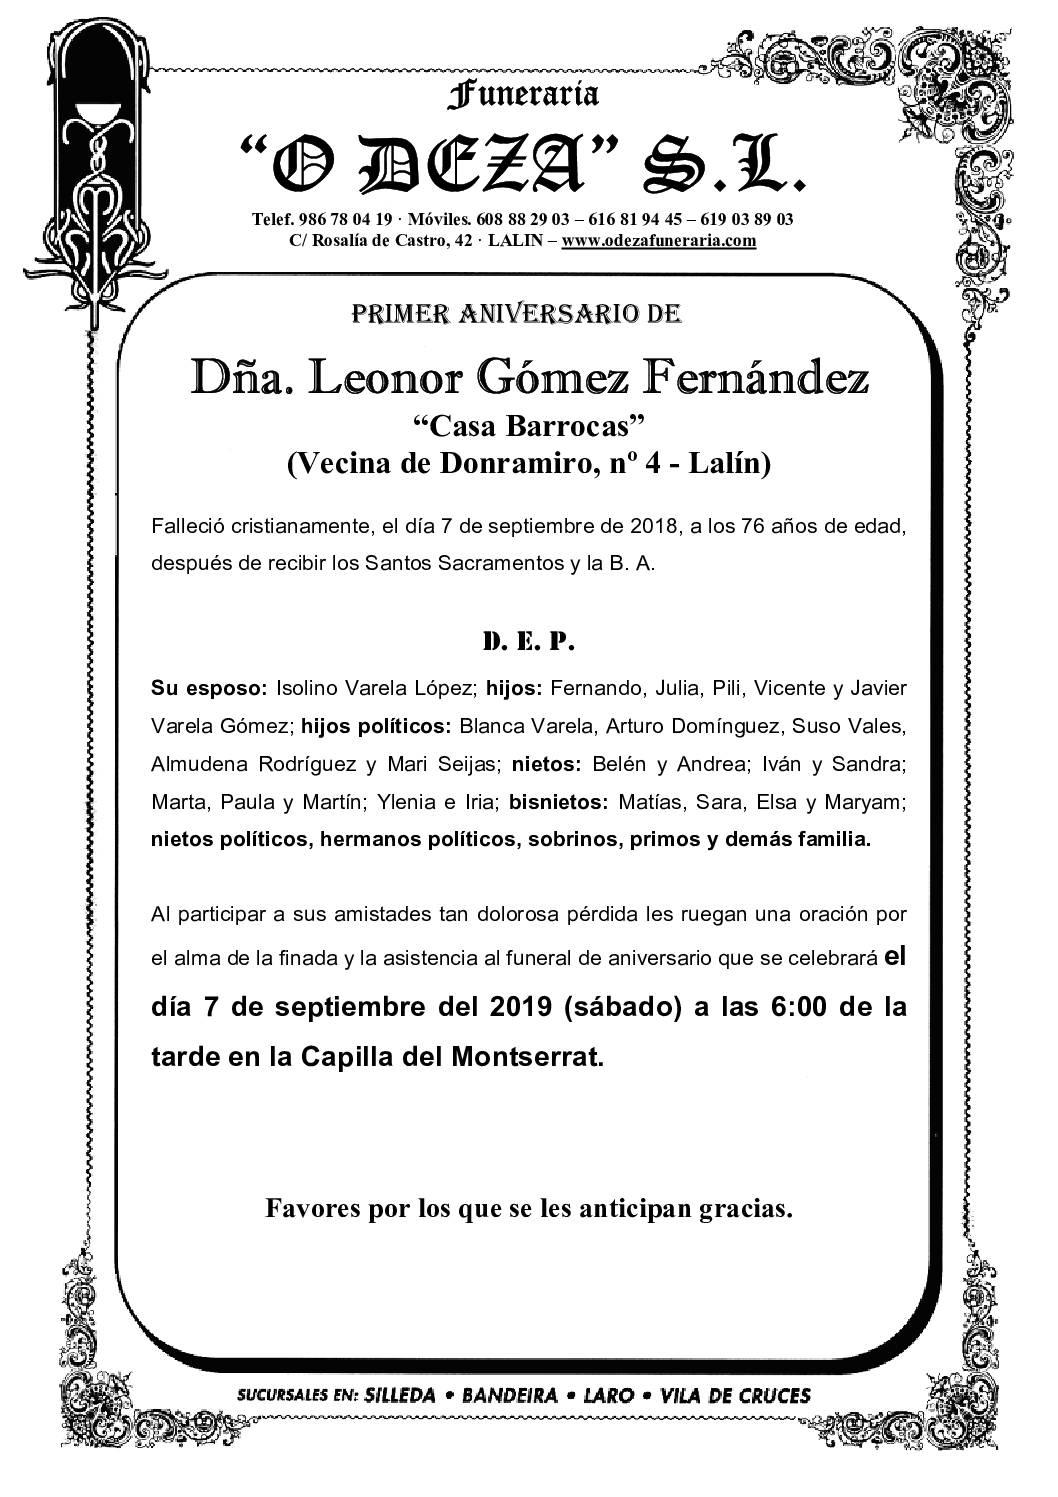 DÑA. LEONOR GÓMEZ FERNÁNDEZ